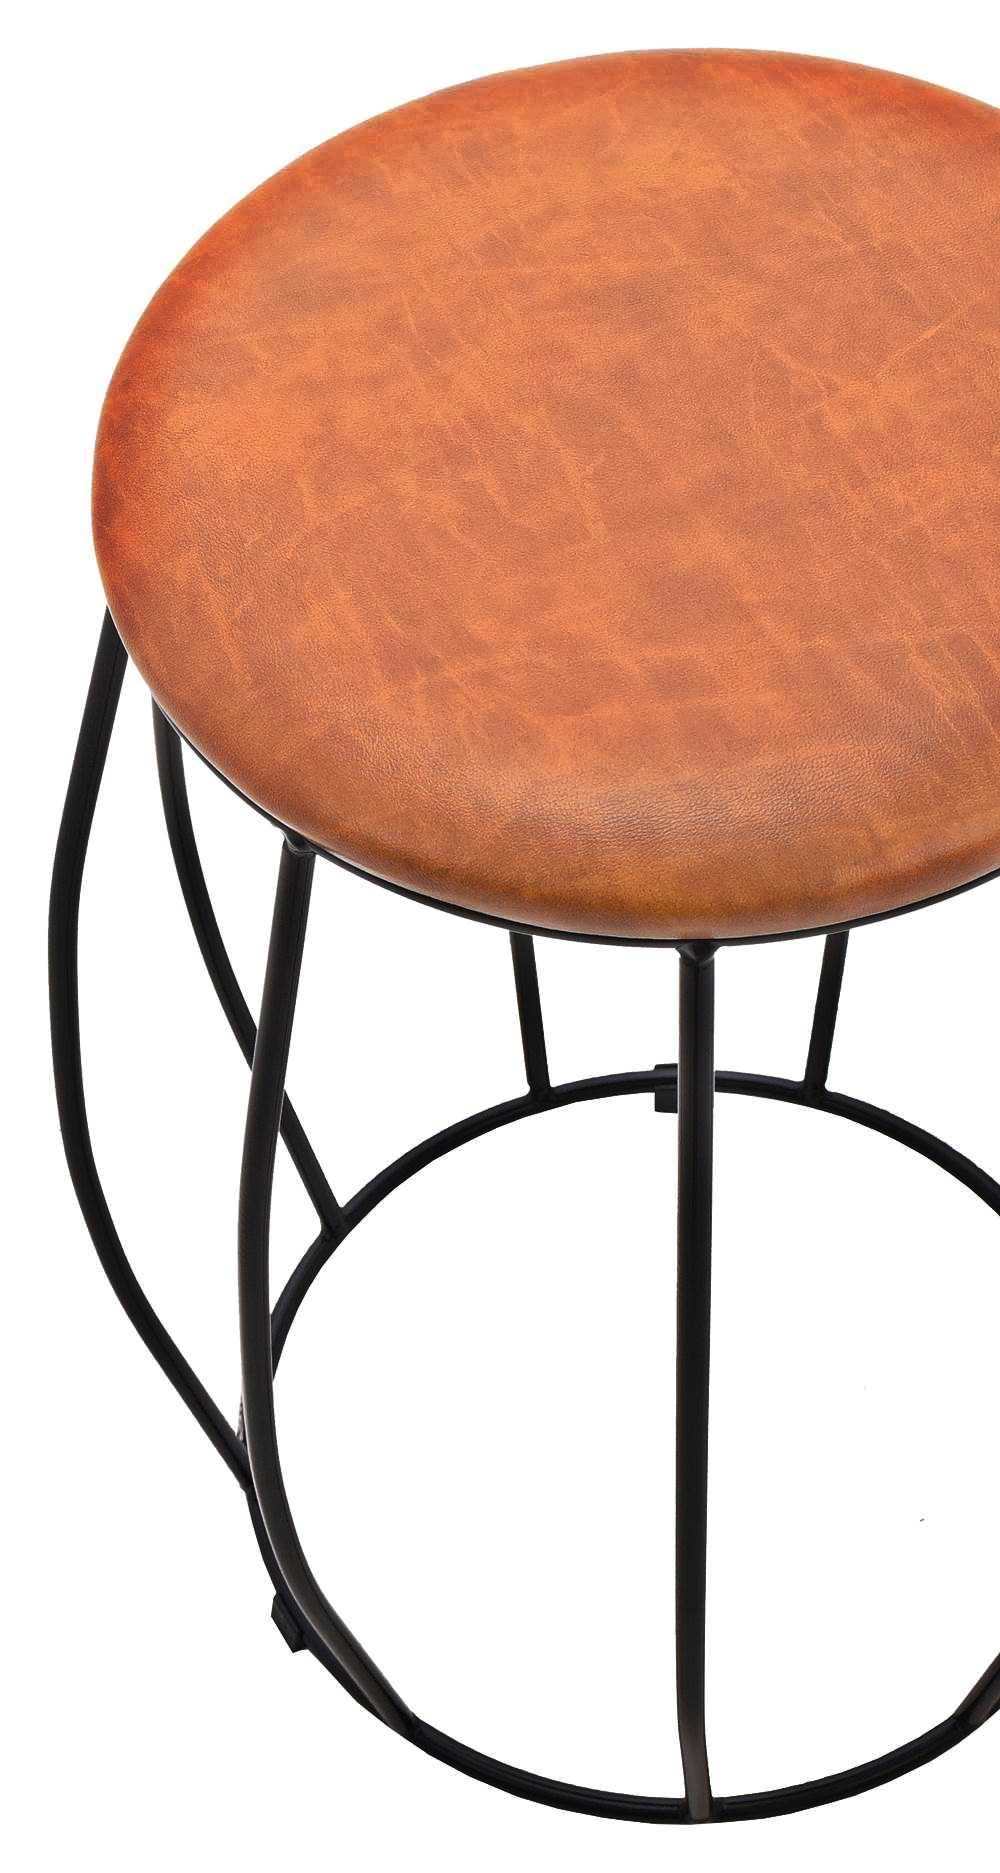 Seat Garden Elite Base Preta Caramelo Shine 40 cm - 42128